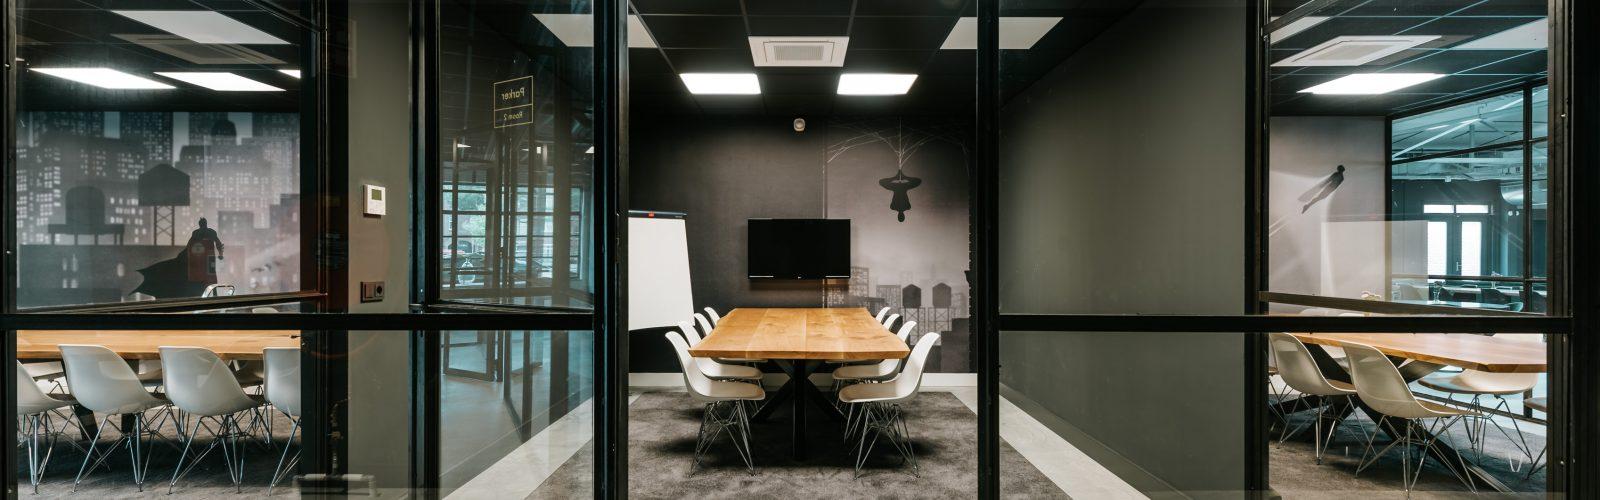 fotobehang kantoor realisatie door 123Fotobehang